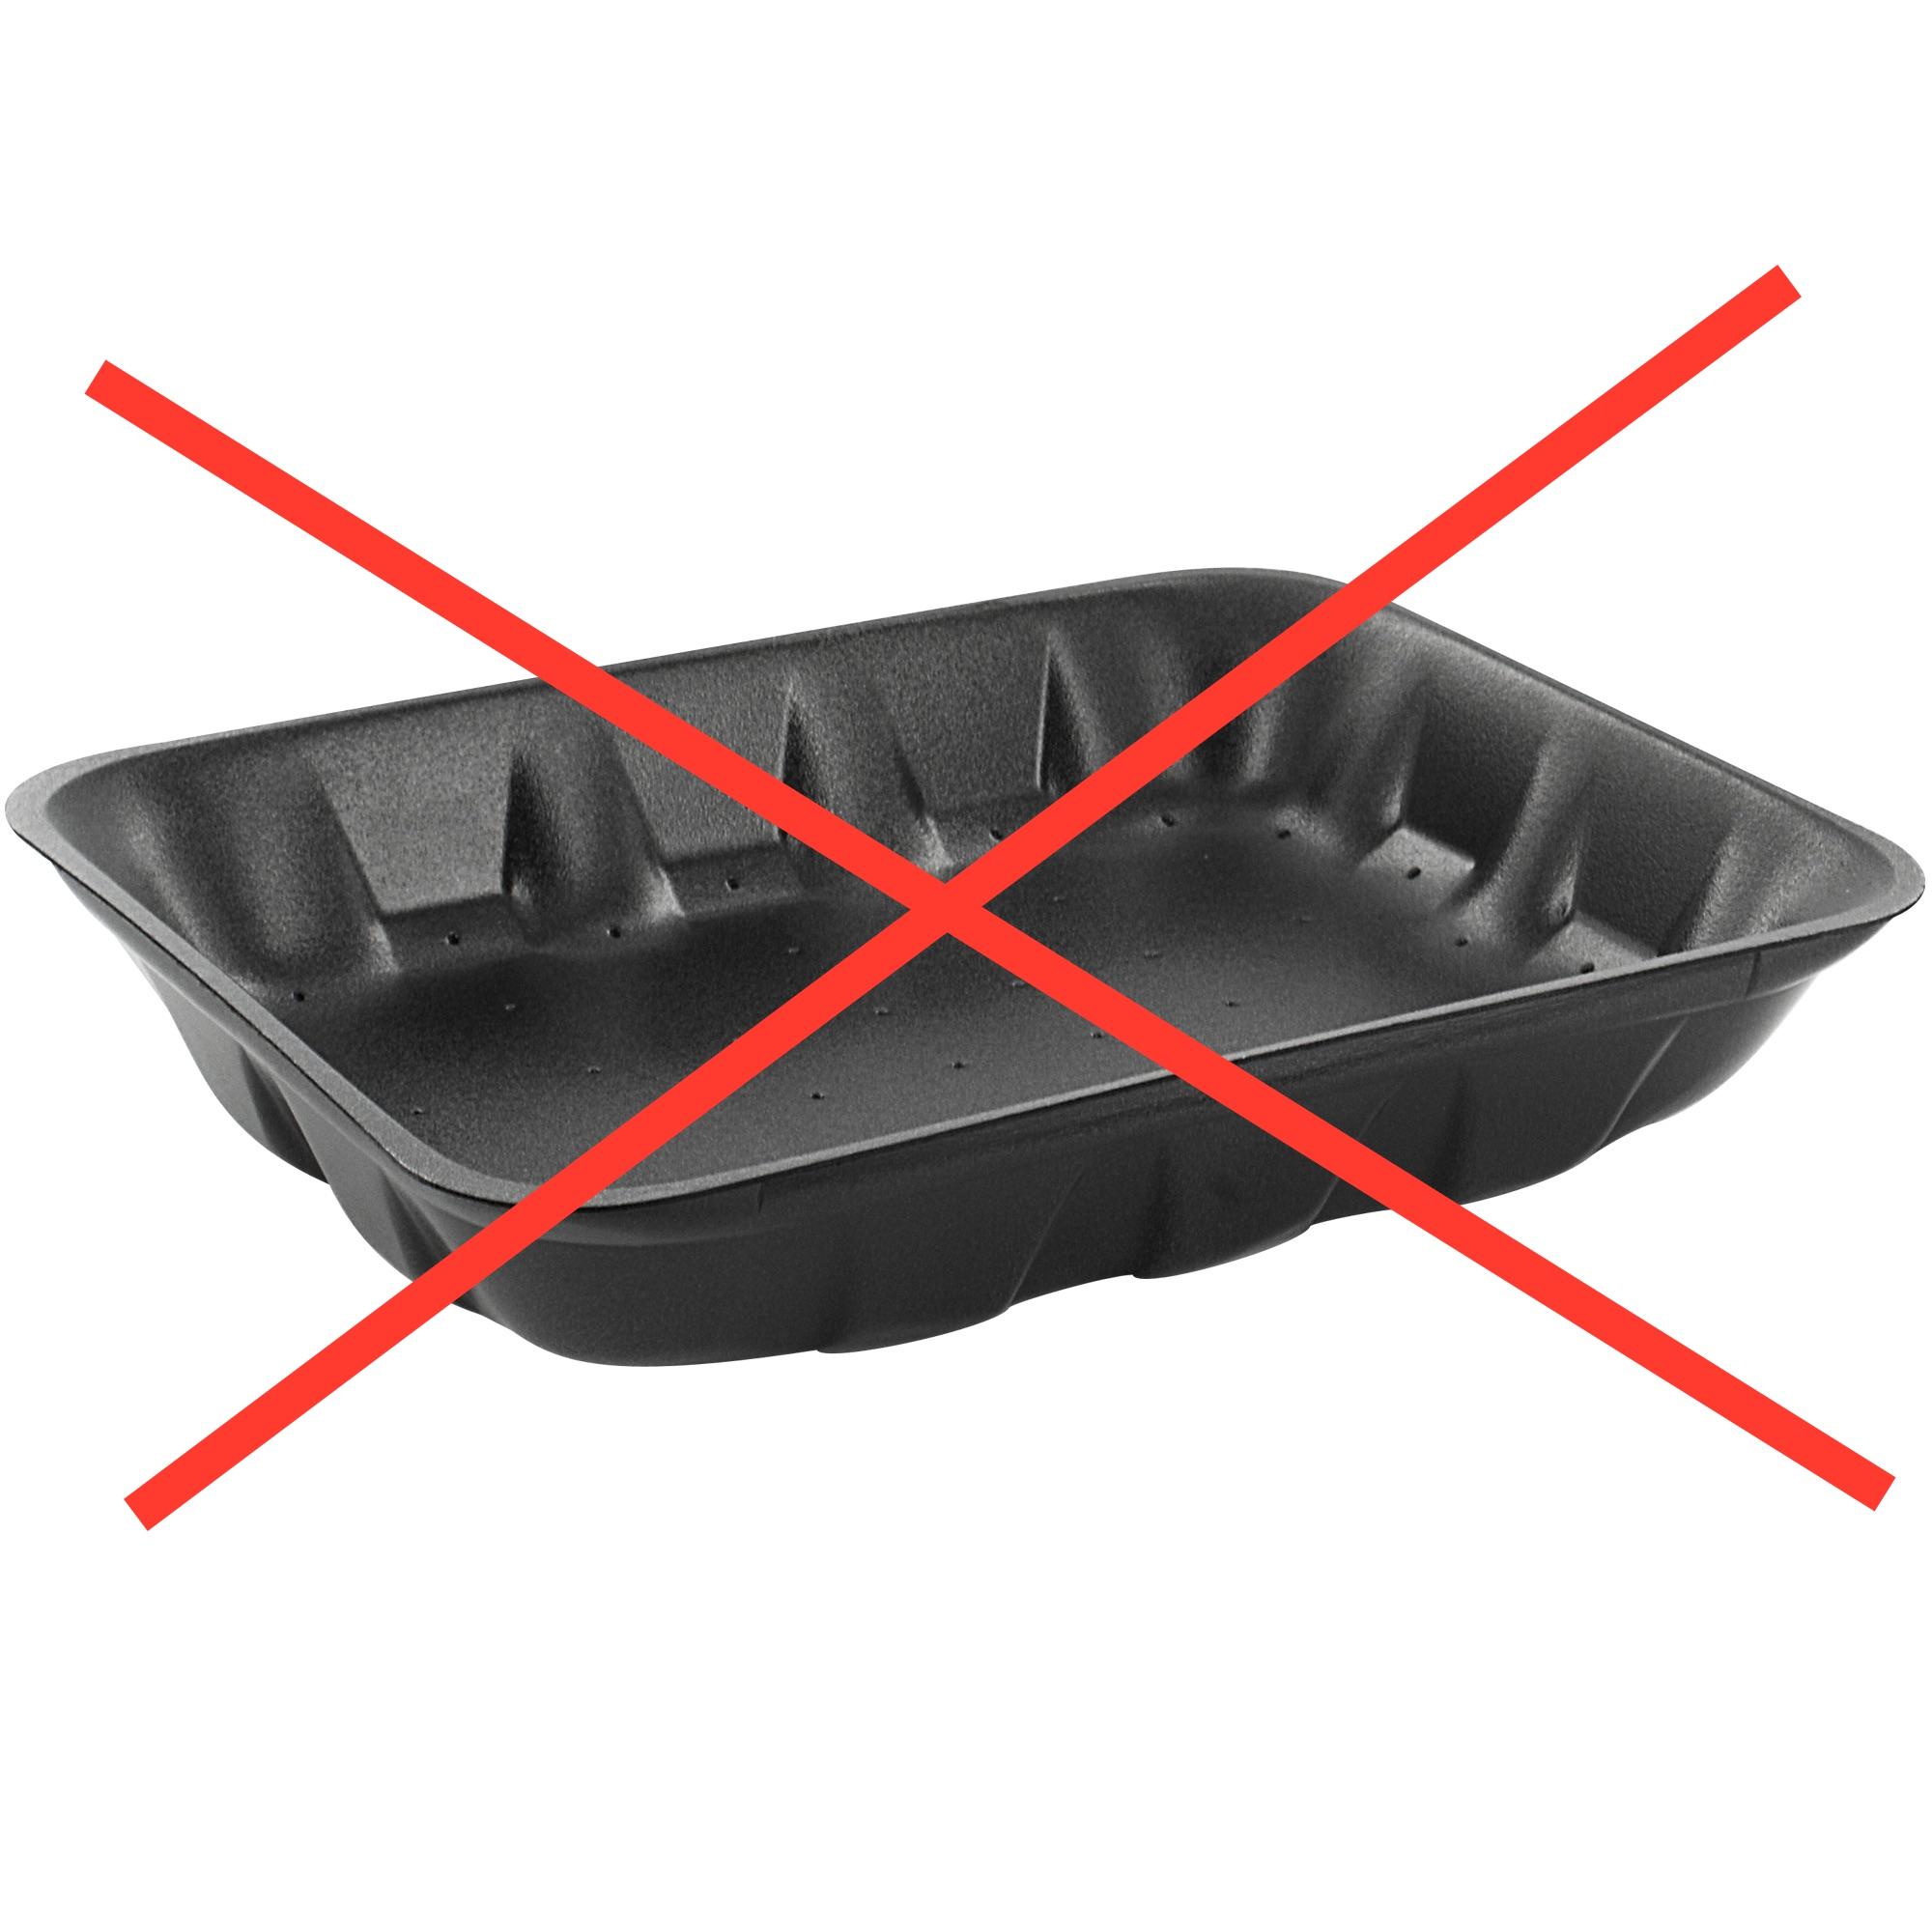 Unika Stoppar svart plast - Recycling QT-59